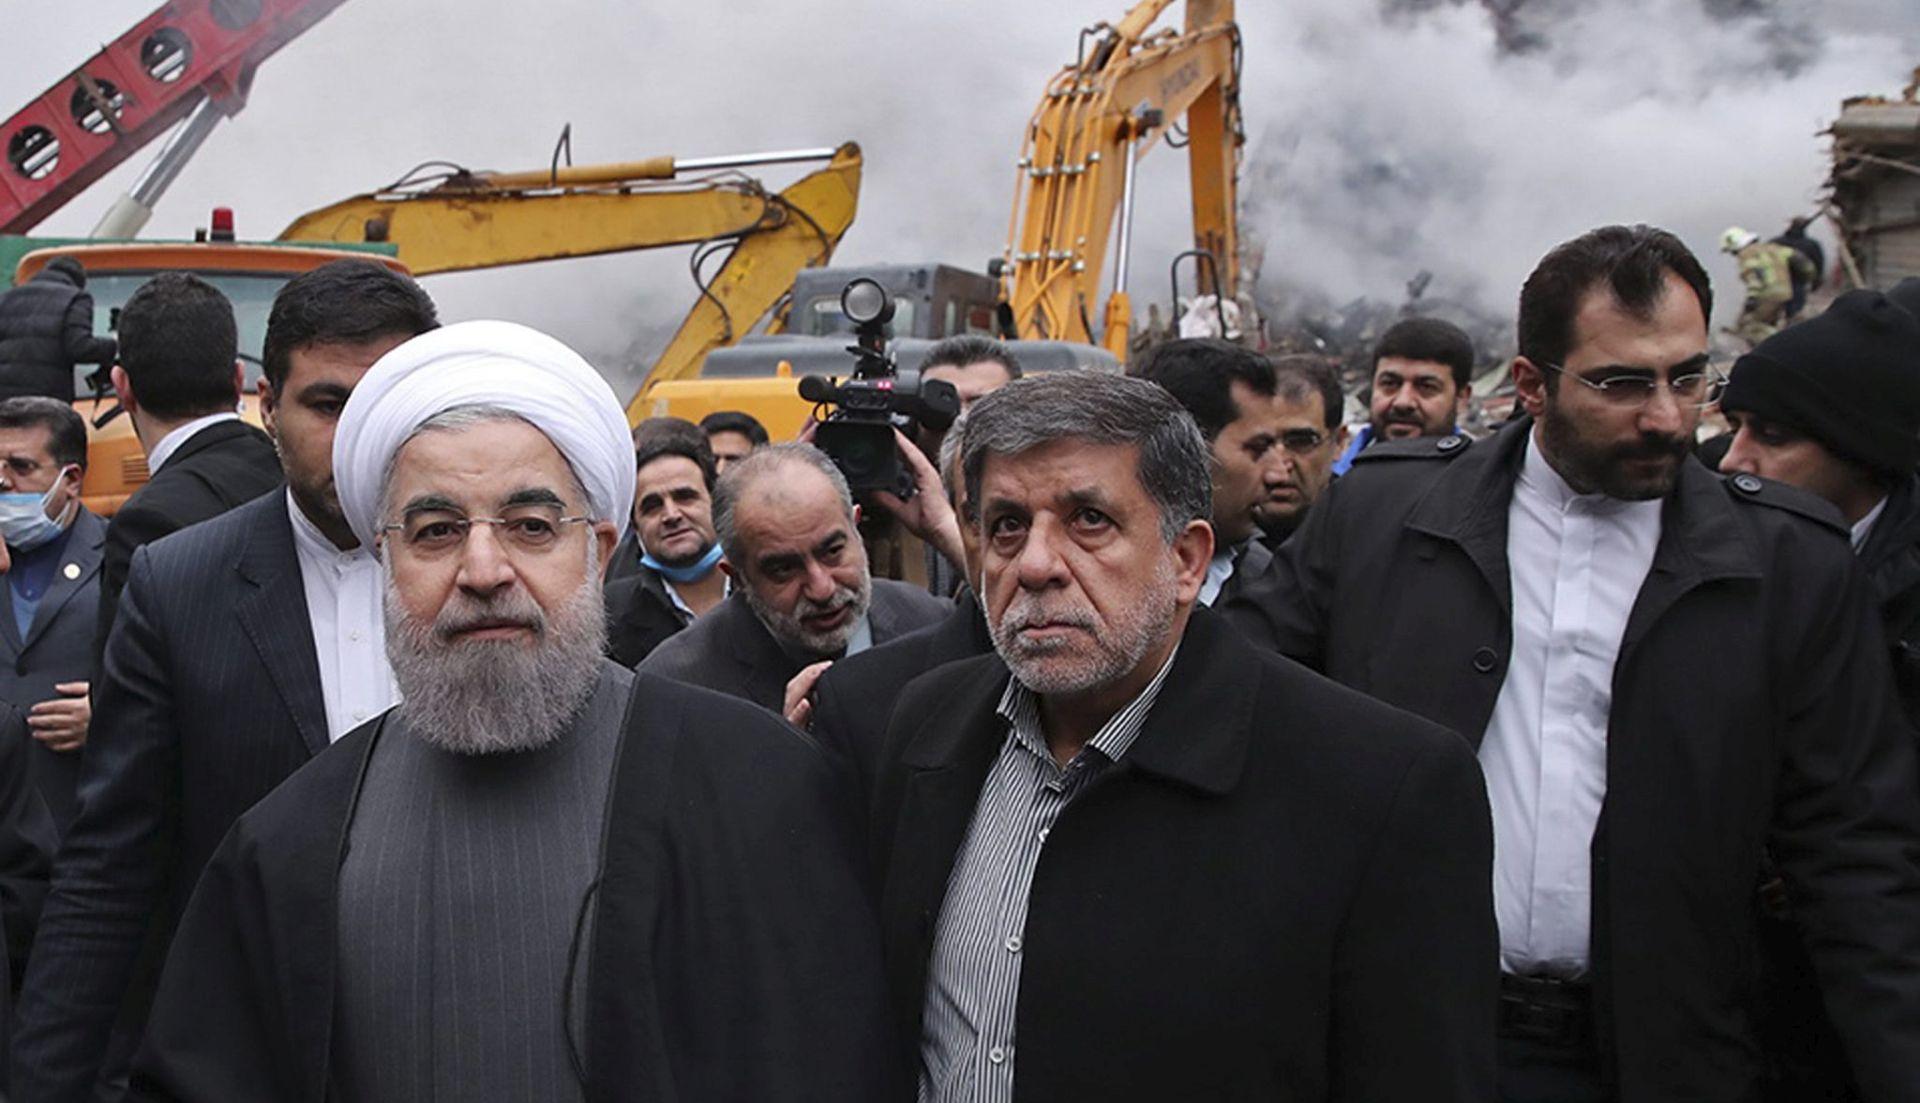 Iranski predsjednik Rohani odlučio se kandidirati